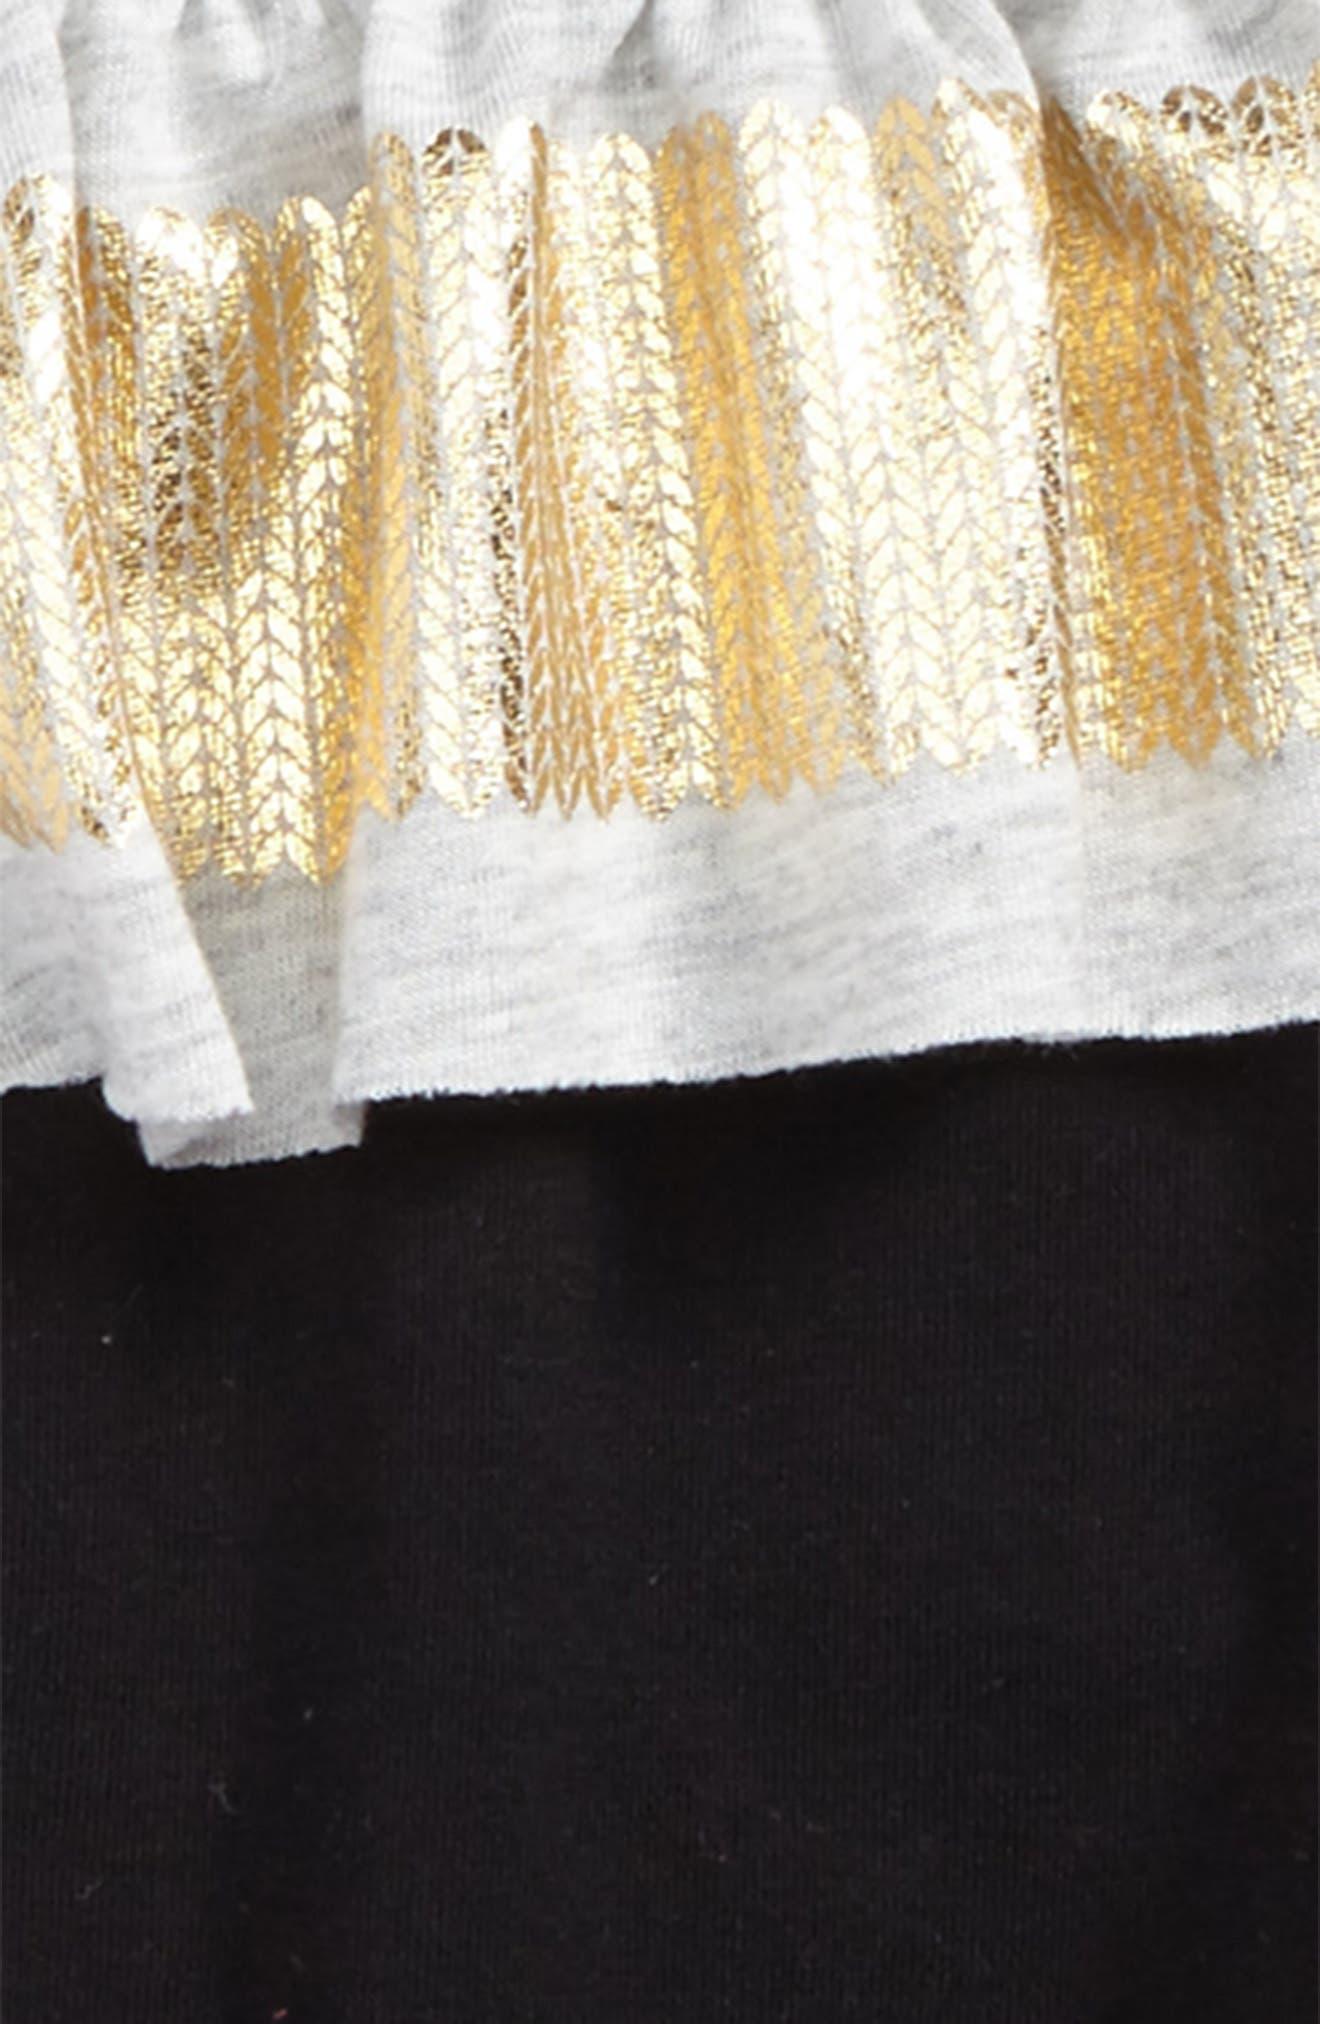 Shimmer Stripe Ruffle Top & Leggings Set,                             Alternate thumbnail 2, color,                             020